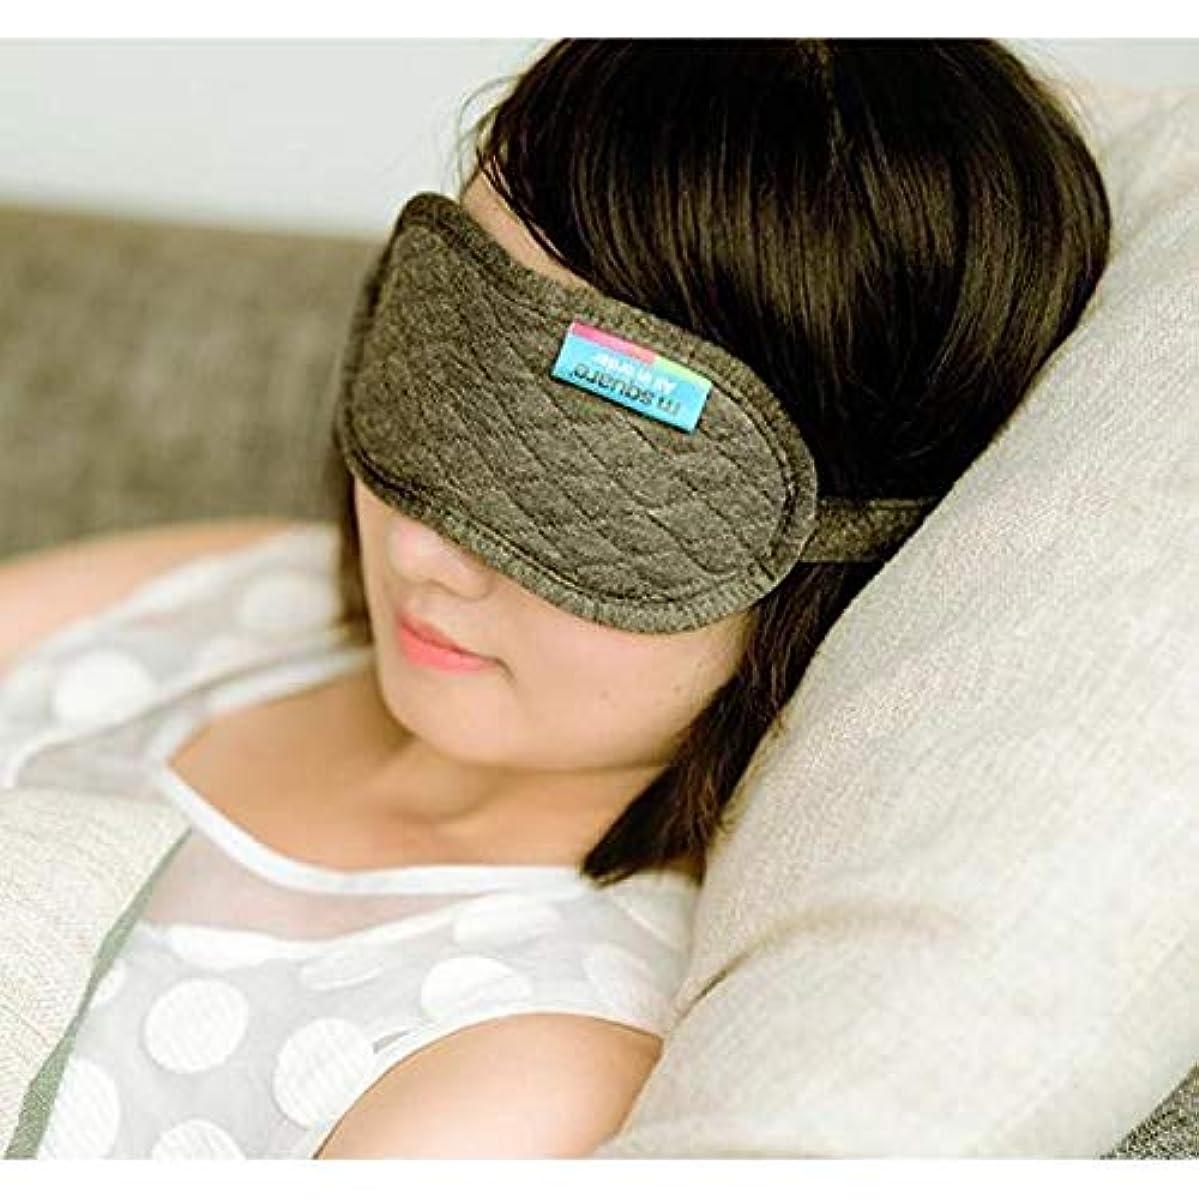 領域検証正確にNOTE 1ピースナチュラルスリーピングアイマスクアイシェード3dアイマスクトラベルツール低反発睡眠シェードカバー睡眠目隠しC2